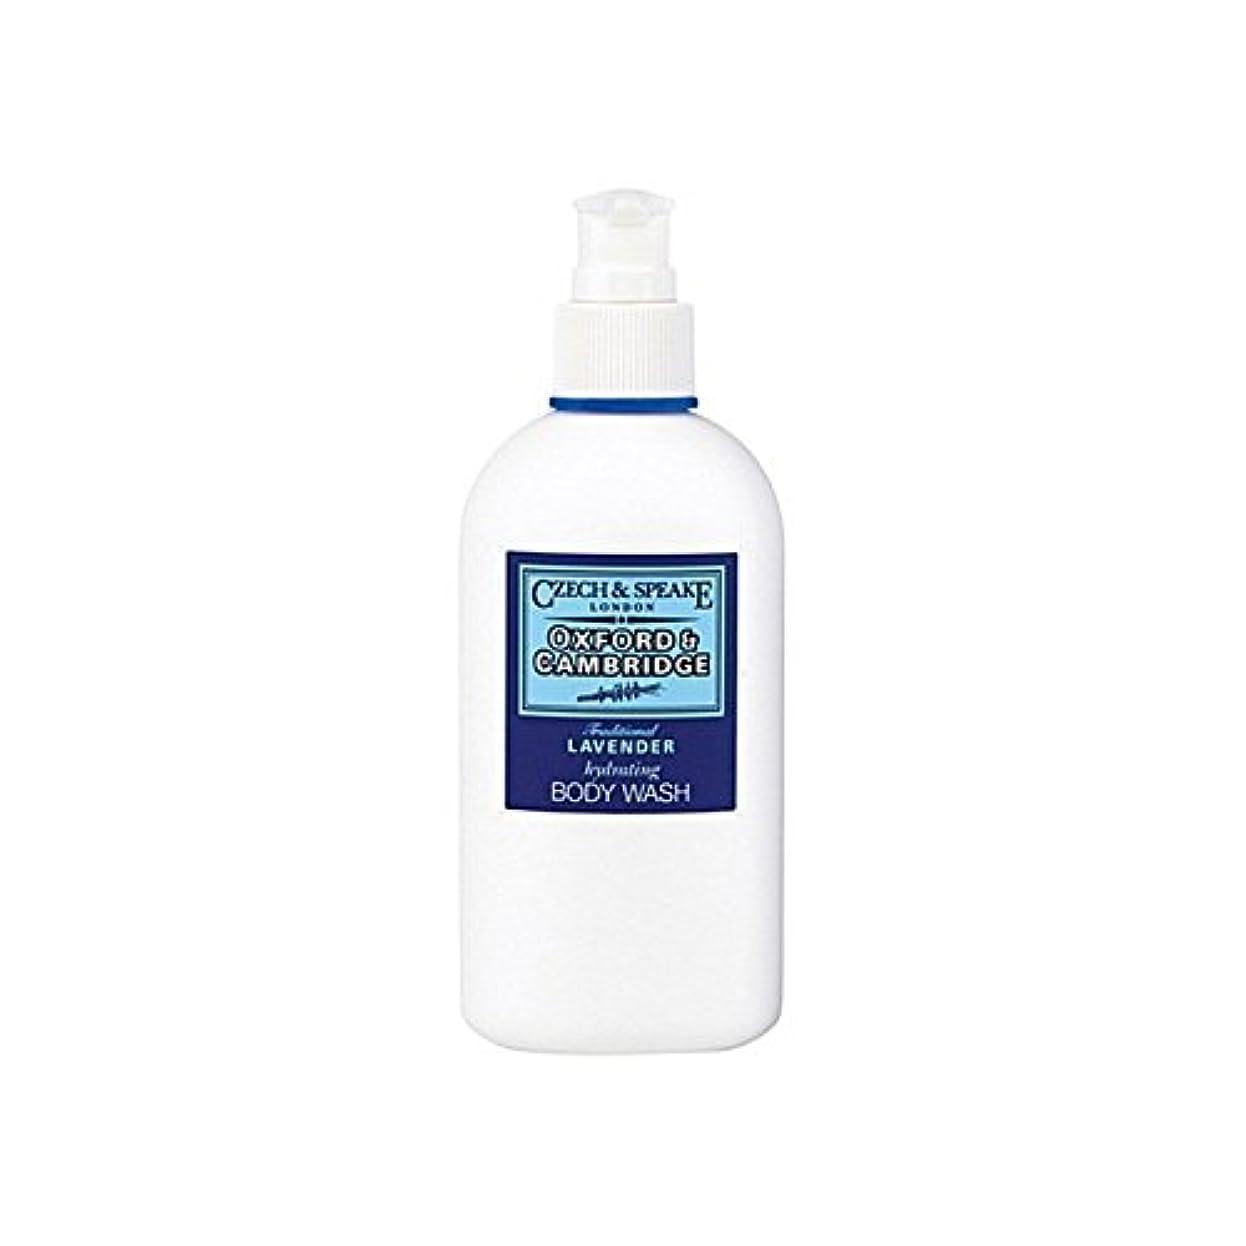 先例ナイロンなしでCzech & Speake Oxford & Cambridge Hydrating Body Wash 300ml - チェコ&スピークオックスフォード&ケンブリッジ水和ボディウォッシュ300ミリリットル [並行輸入品]